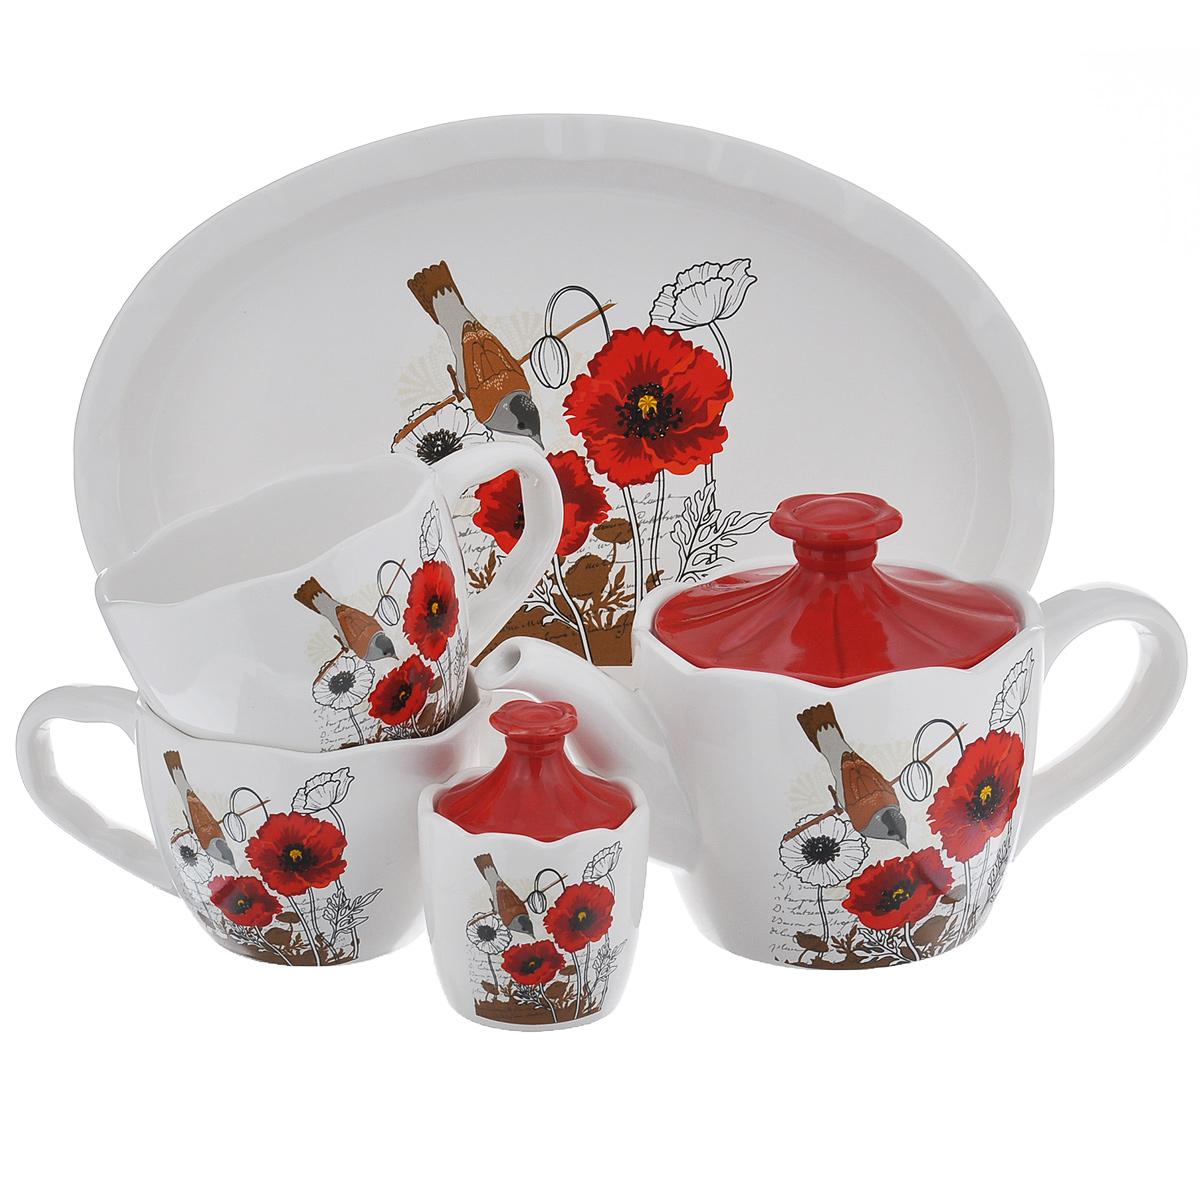 Набор чайный Маки, 5 предметовDFC03902/03811-02253 5/SНабор чайный Маки состоит из двух чашек, заварочного чайника, сахарницы и подноса. Набор выполнен из доломитовой керамики и декорирован изображением цветов. Оригинальный дизайн, эстетичность и функциональность набора позволят ему стать достойным дополнением к кухонному инвентарю.Можно мыть в посудомоечной машине на минимальной температуре.